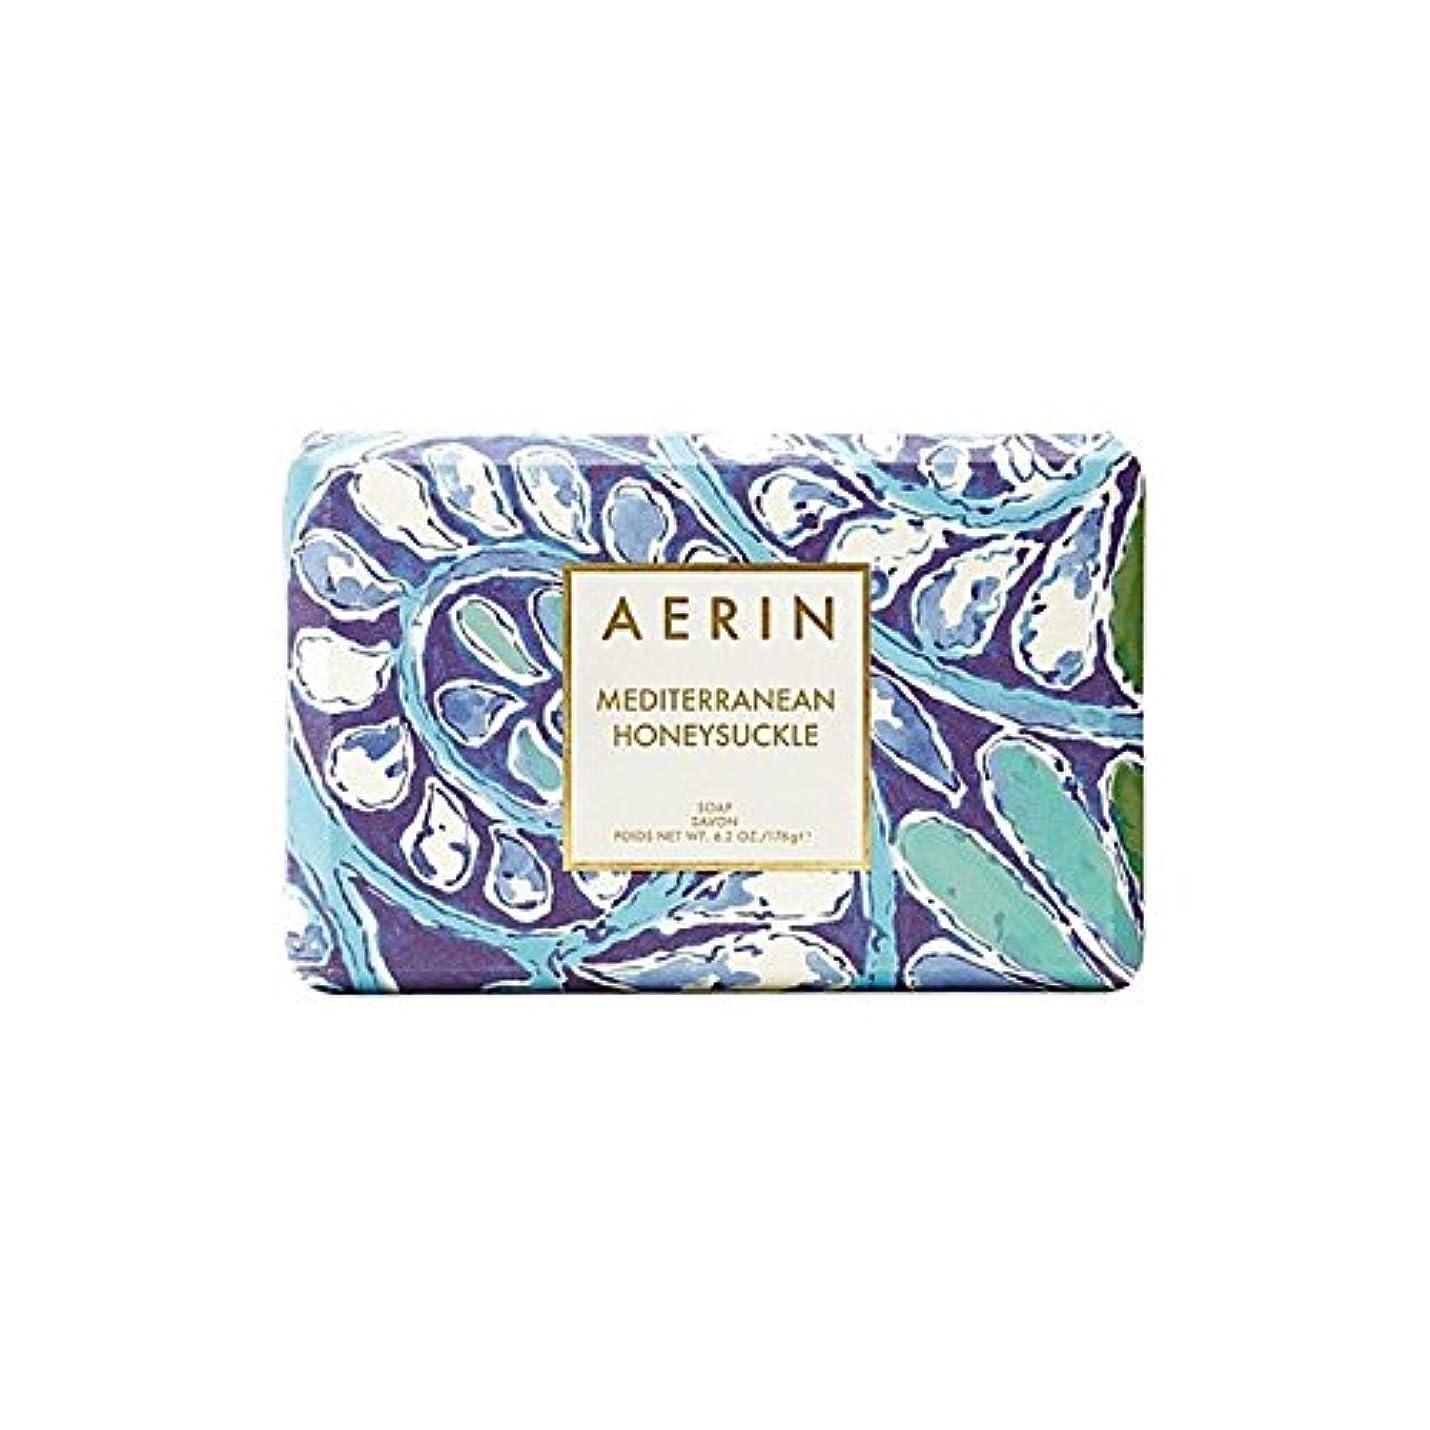 鉛農業のふつうAerin Mediterrenean Honeysuckle Bar Soap 176G - スイカズラ固形石鹸176グラム [並行輸入品]